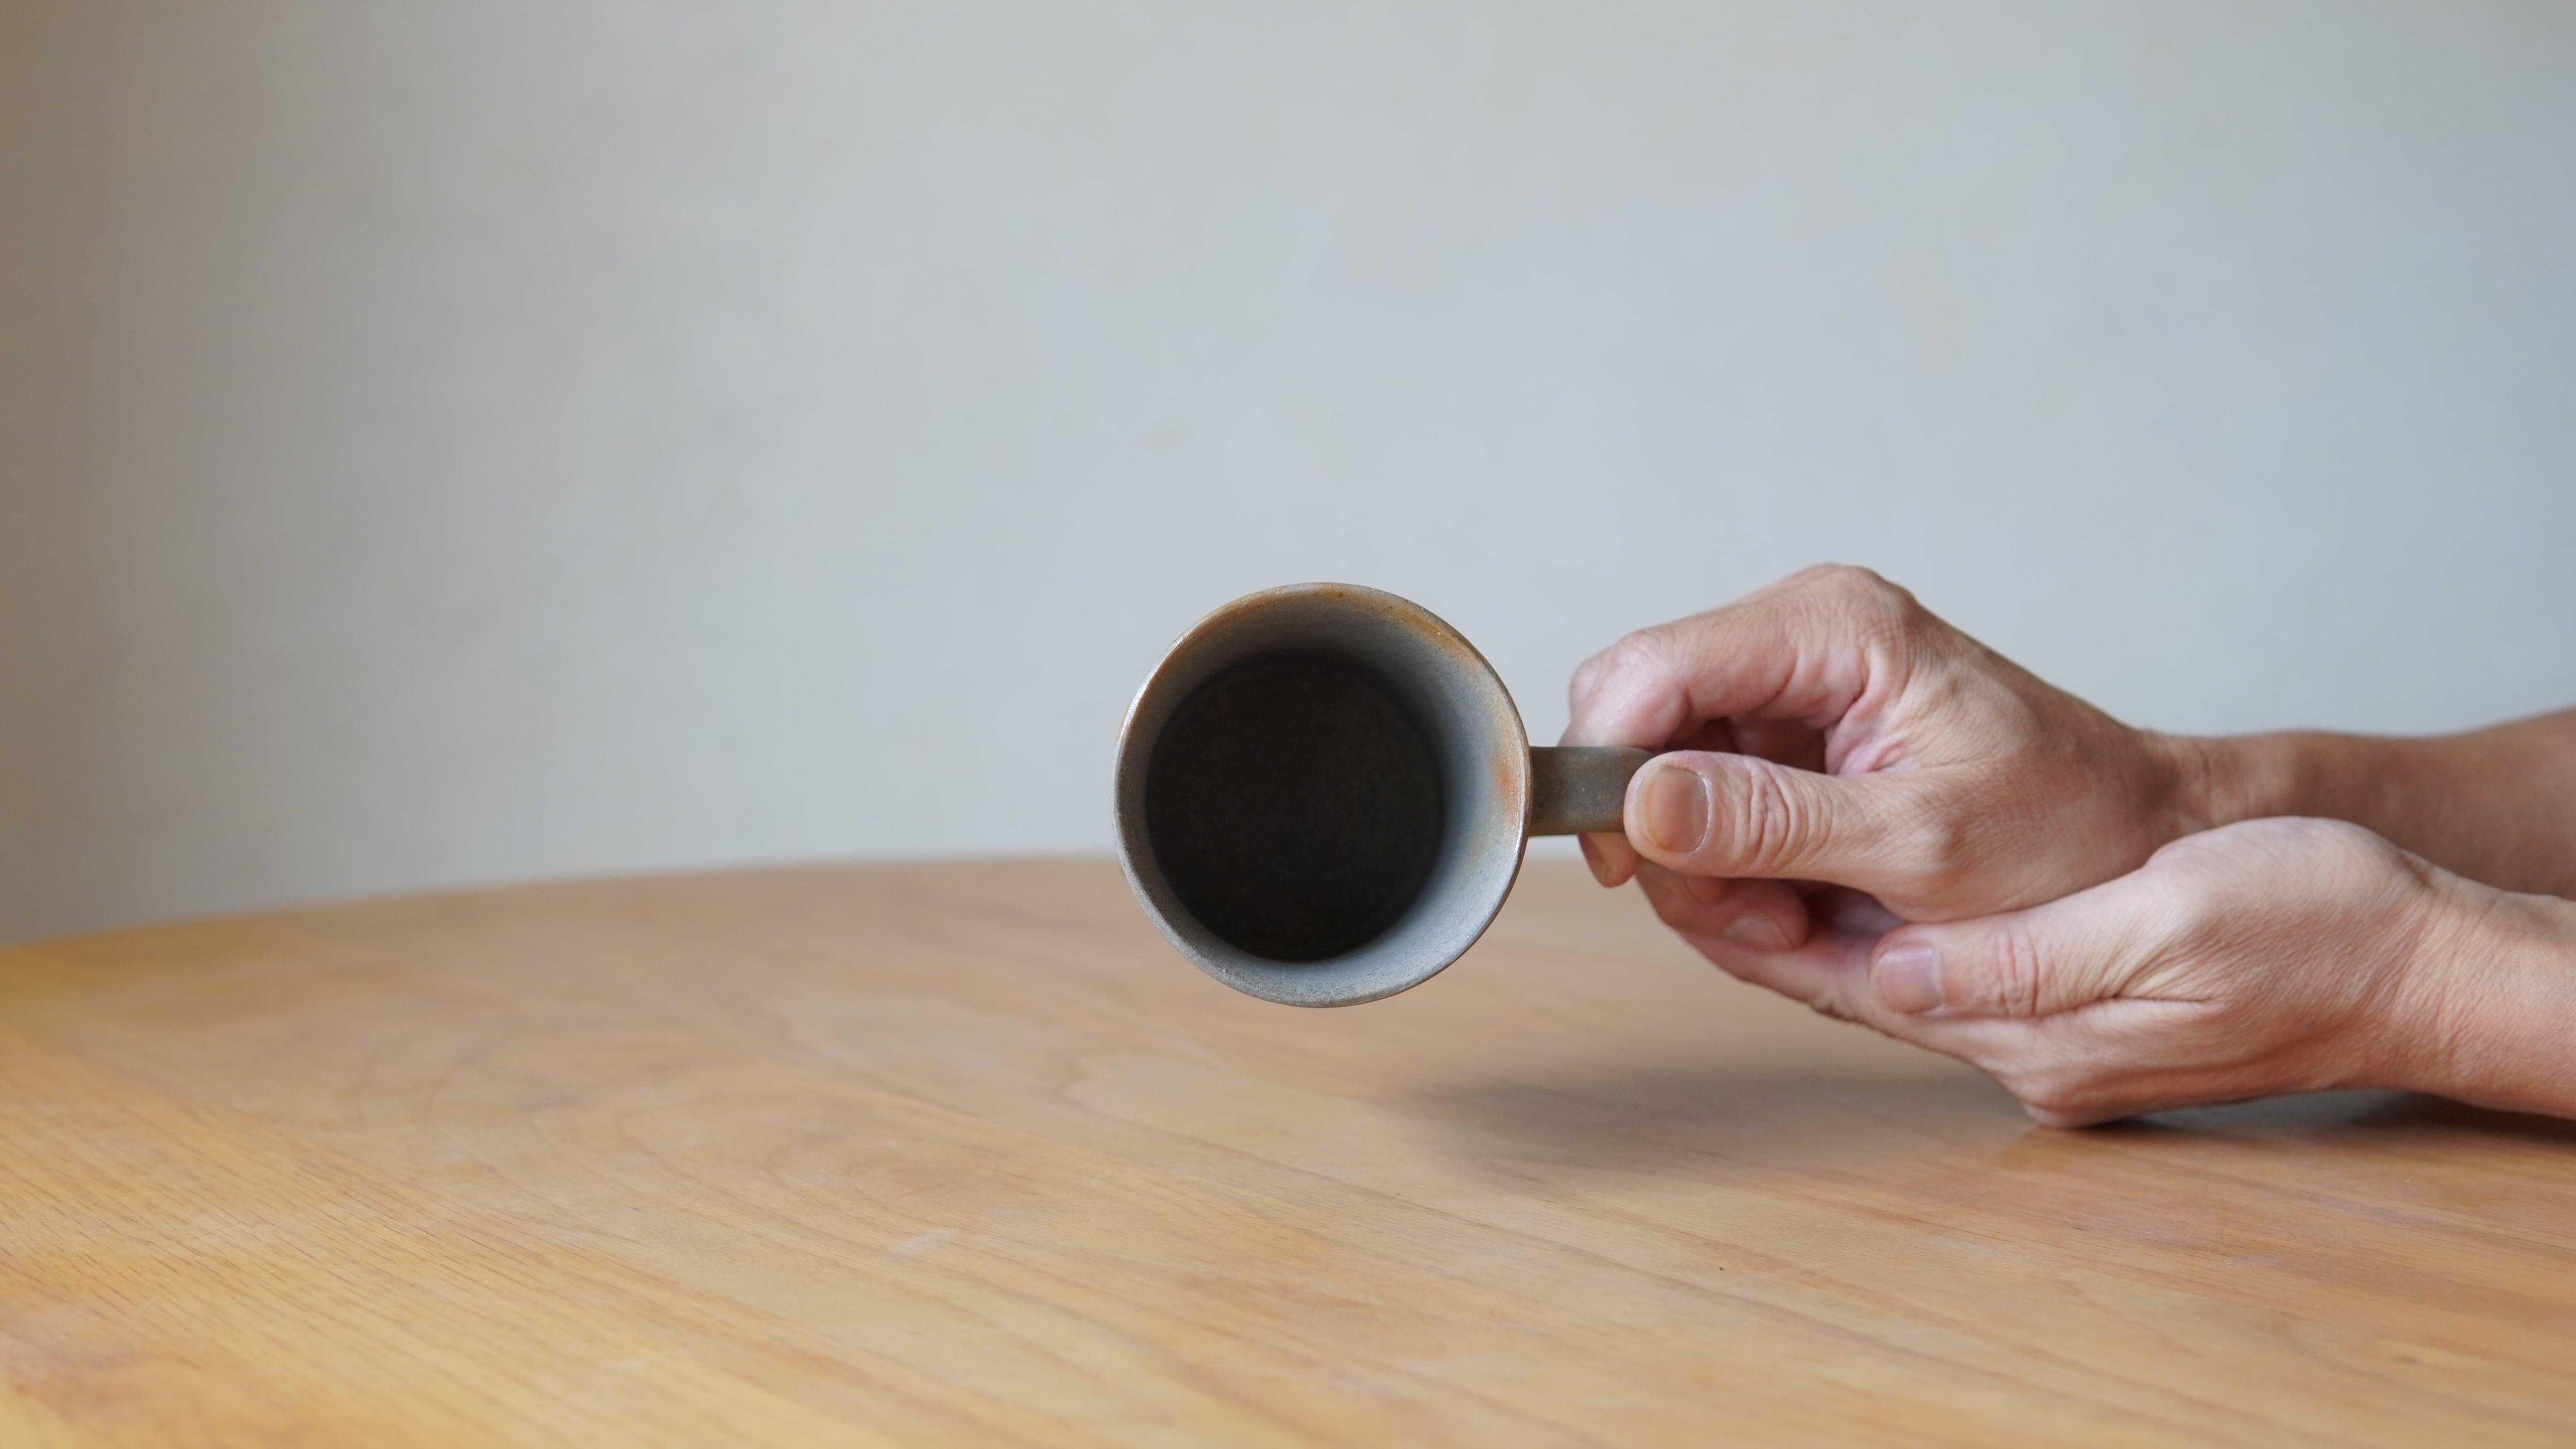 天野智也「青備前マグカップ」(wa-31)